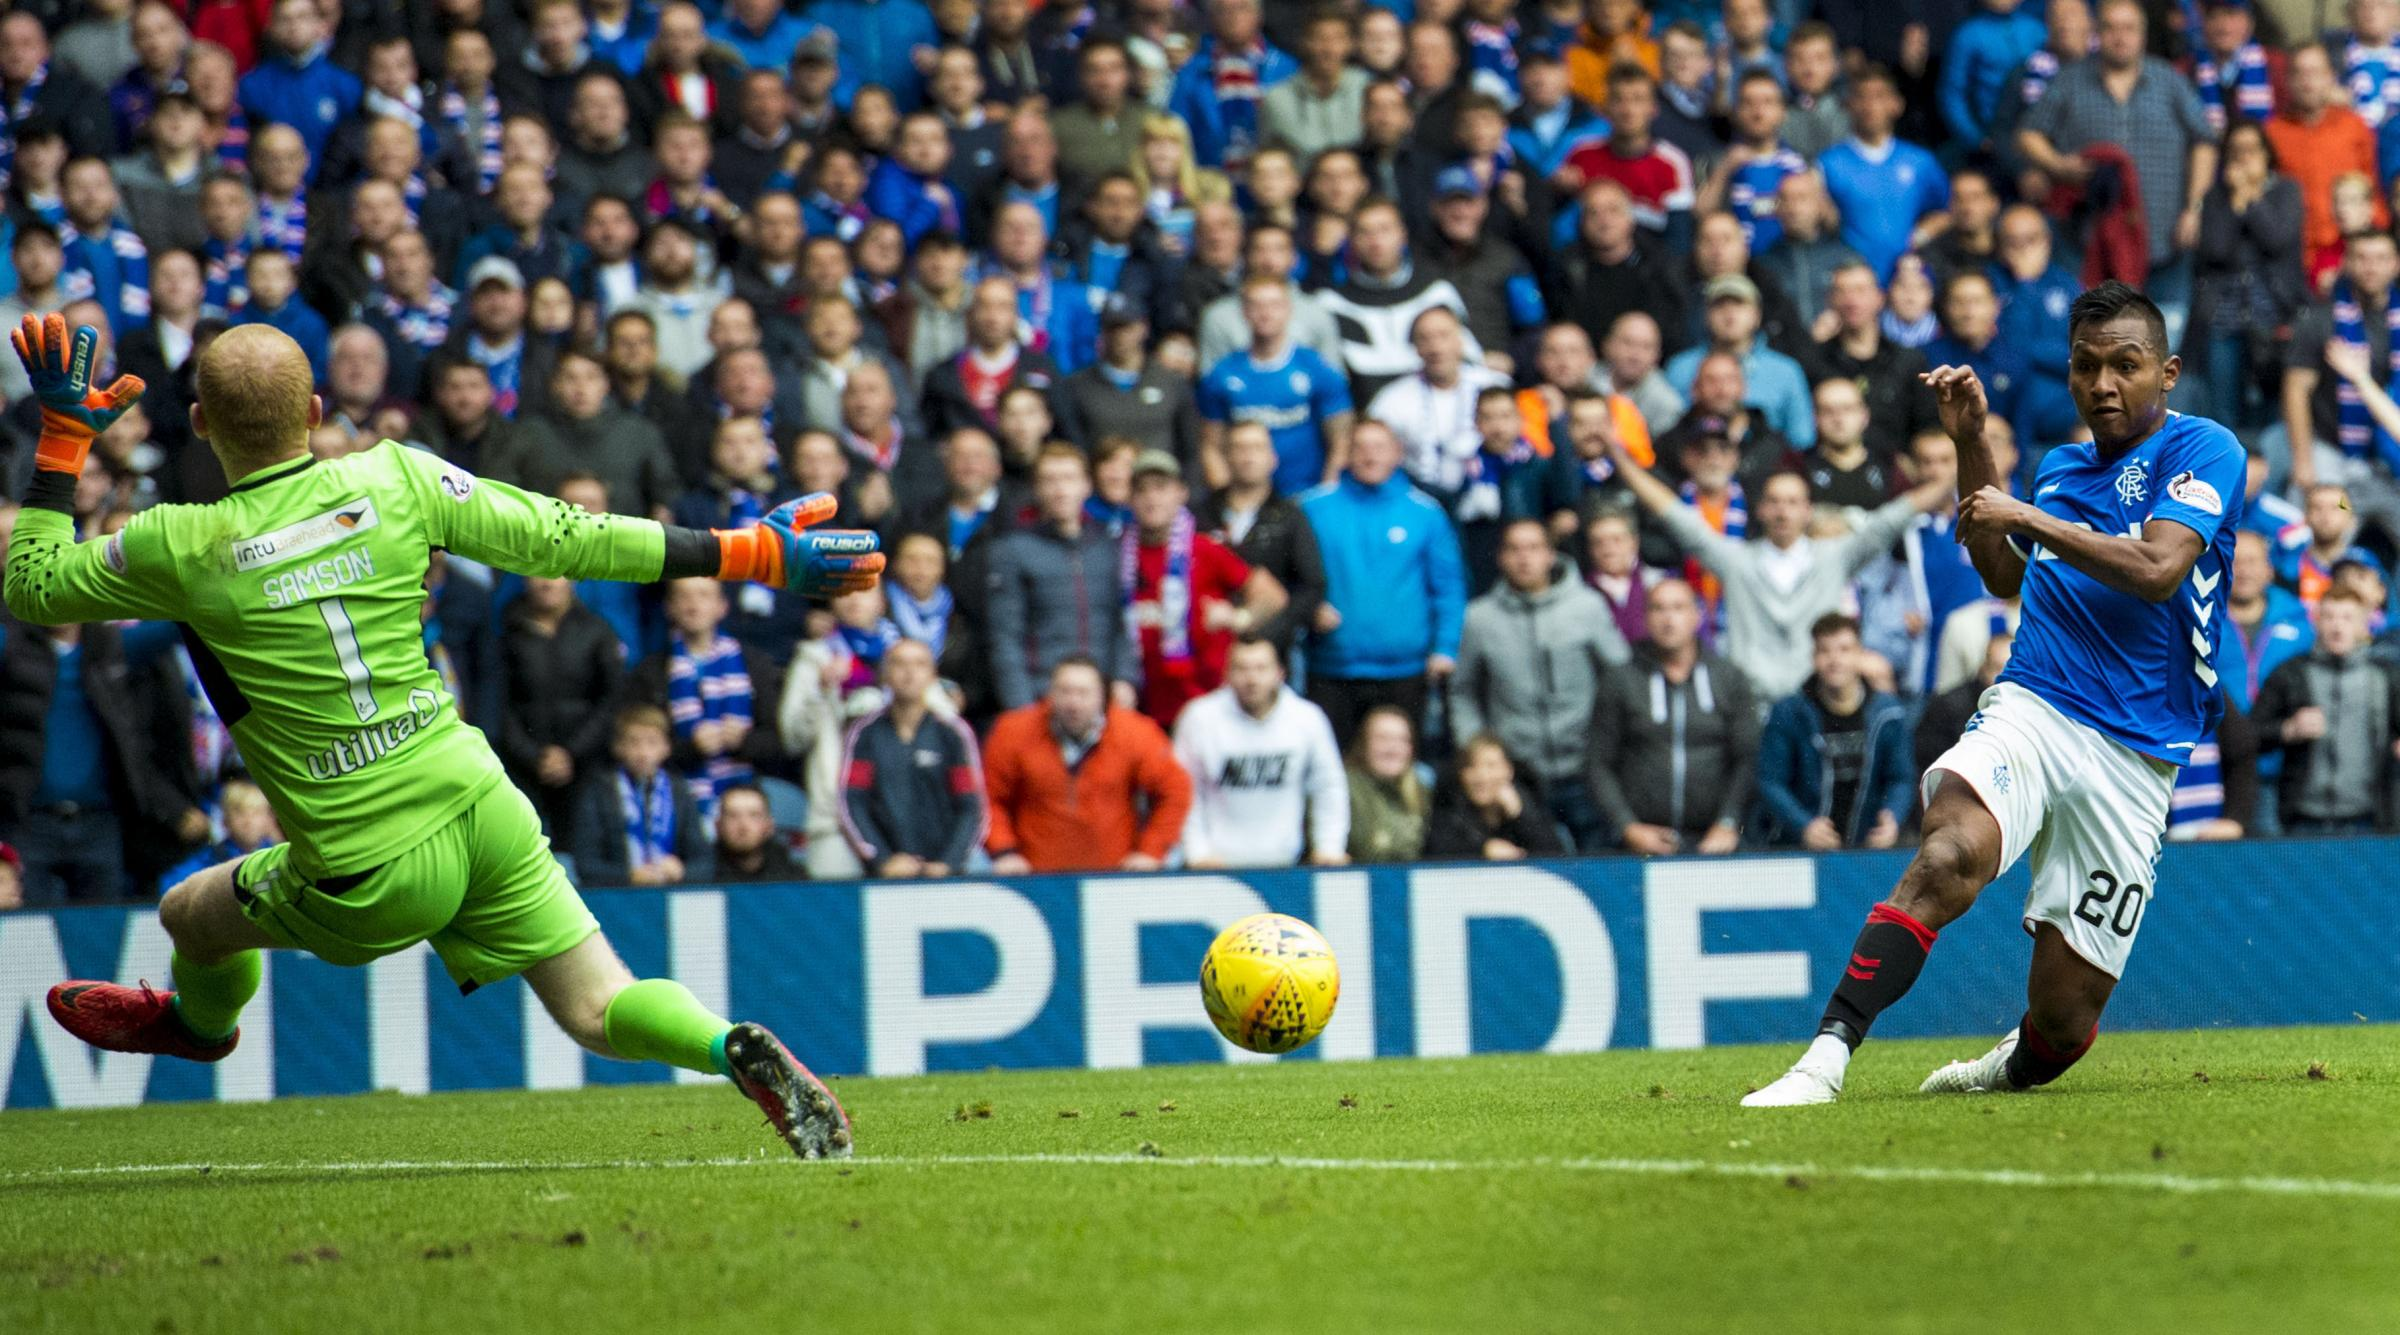 Rangers find St. Mirren even easy to beat with ten men